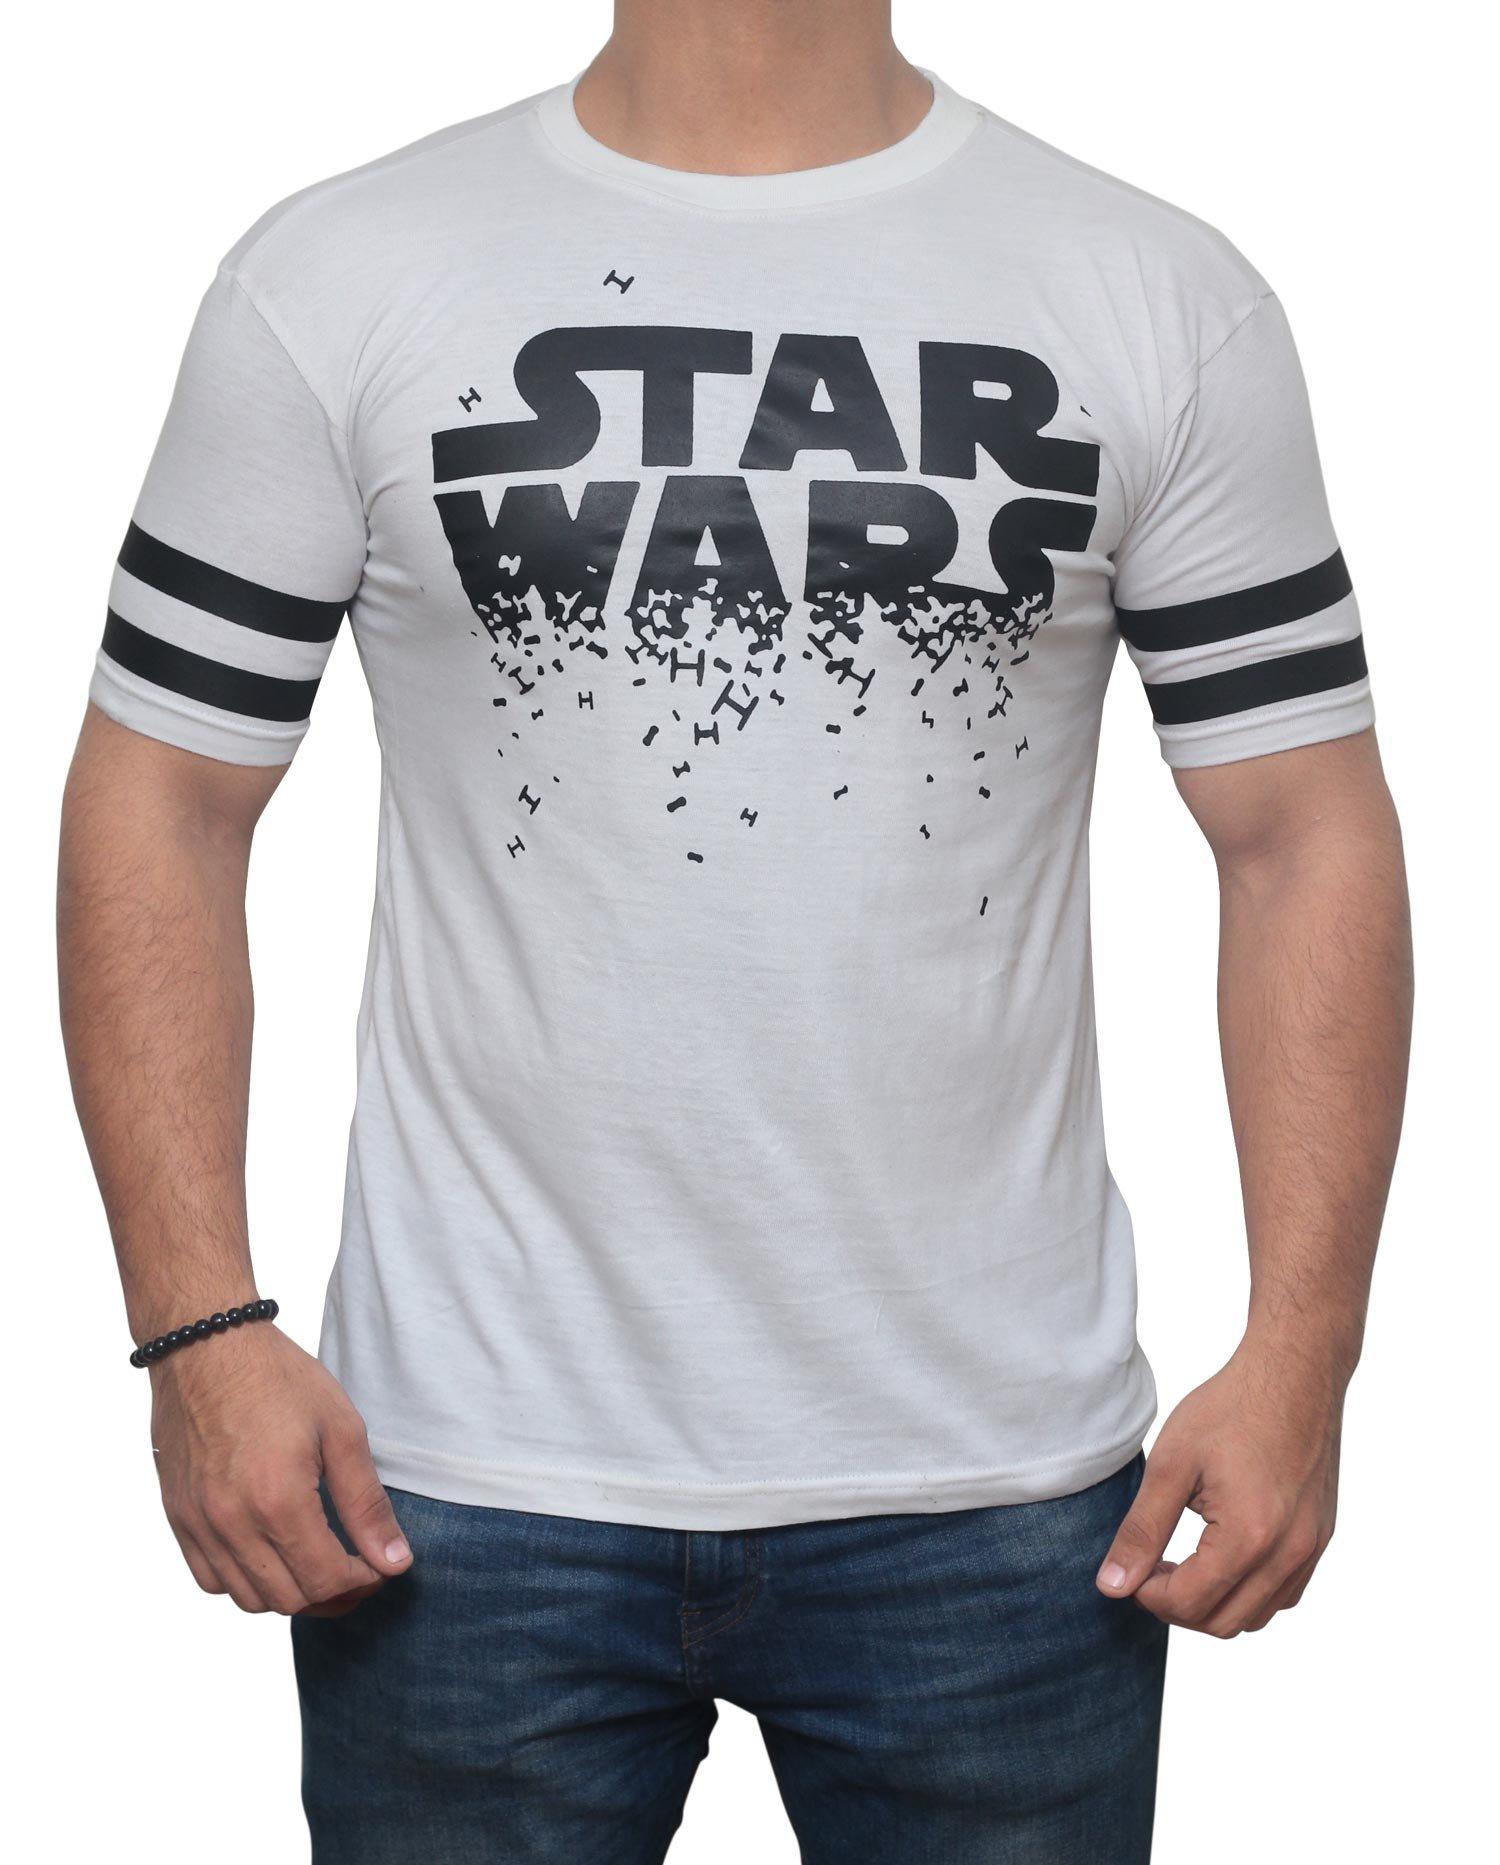 Miracle(Tm)) Mens Star Wars Logo Shirt - Adult Cotton Star Wars T-Shirt (Star Wars, Large)